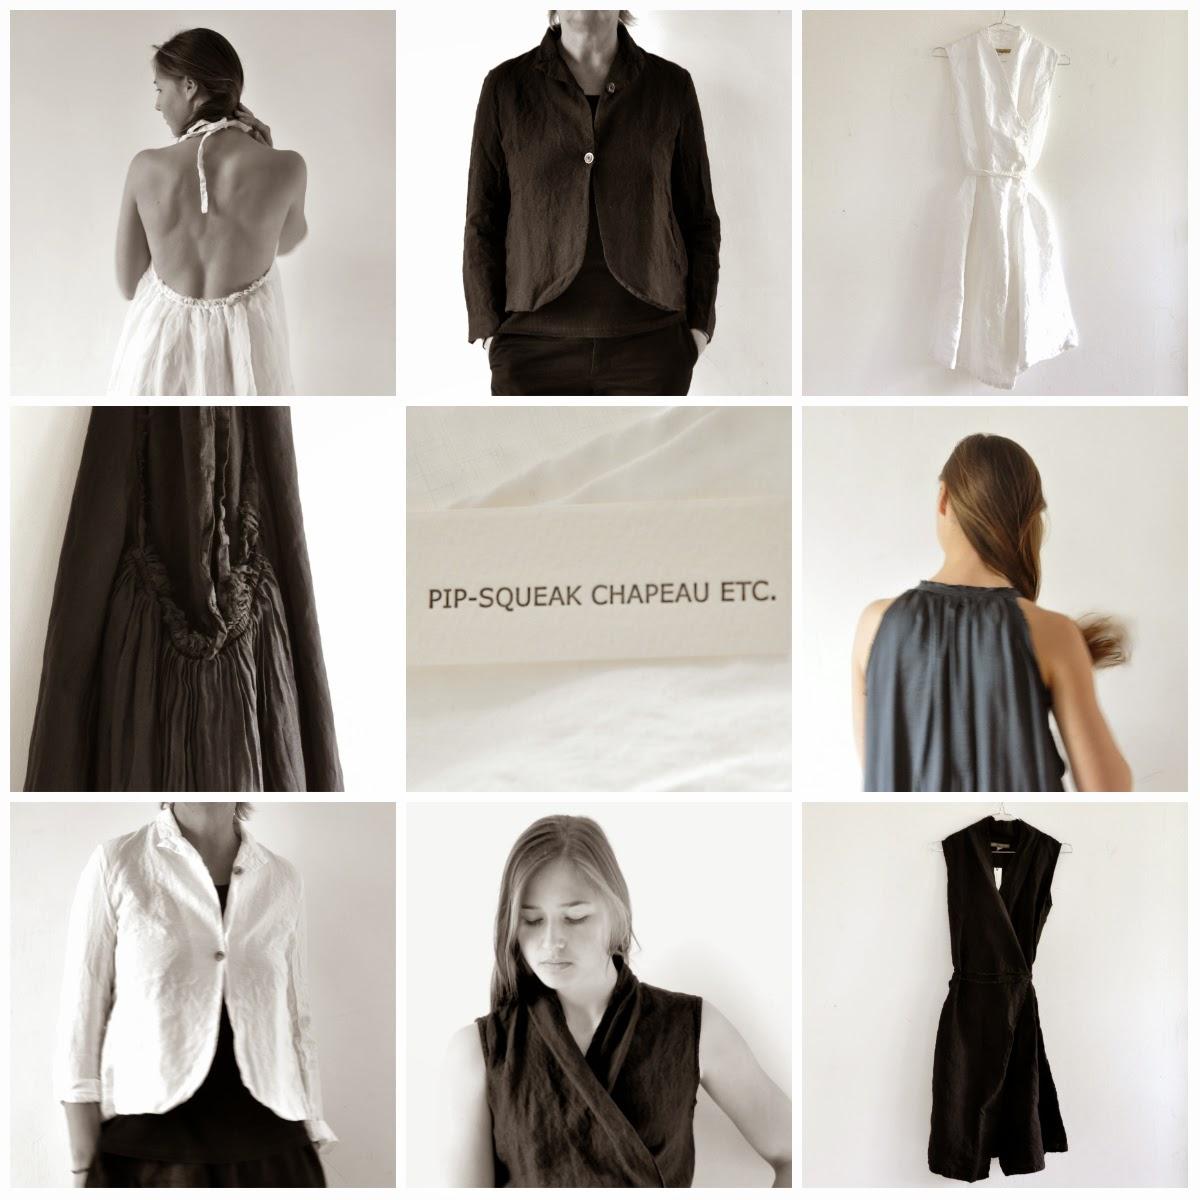 http://www.vdj-boutique.com/vdj/1182-pip-squeak-chapeau-.php